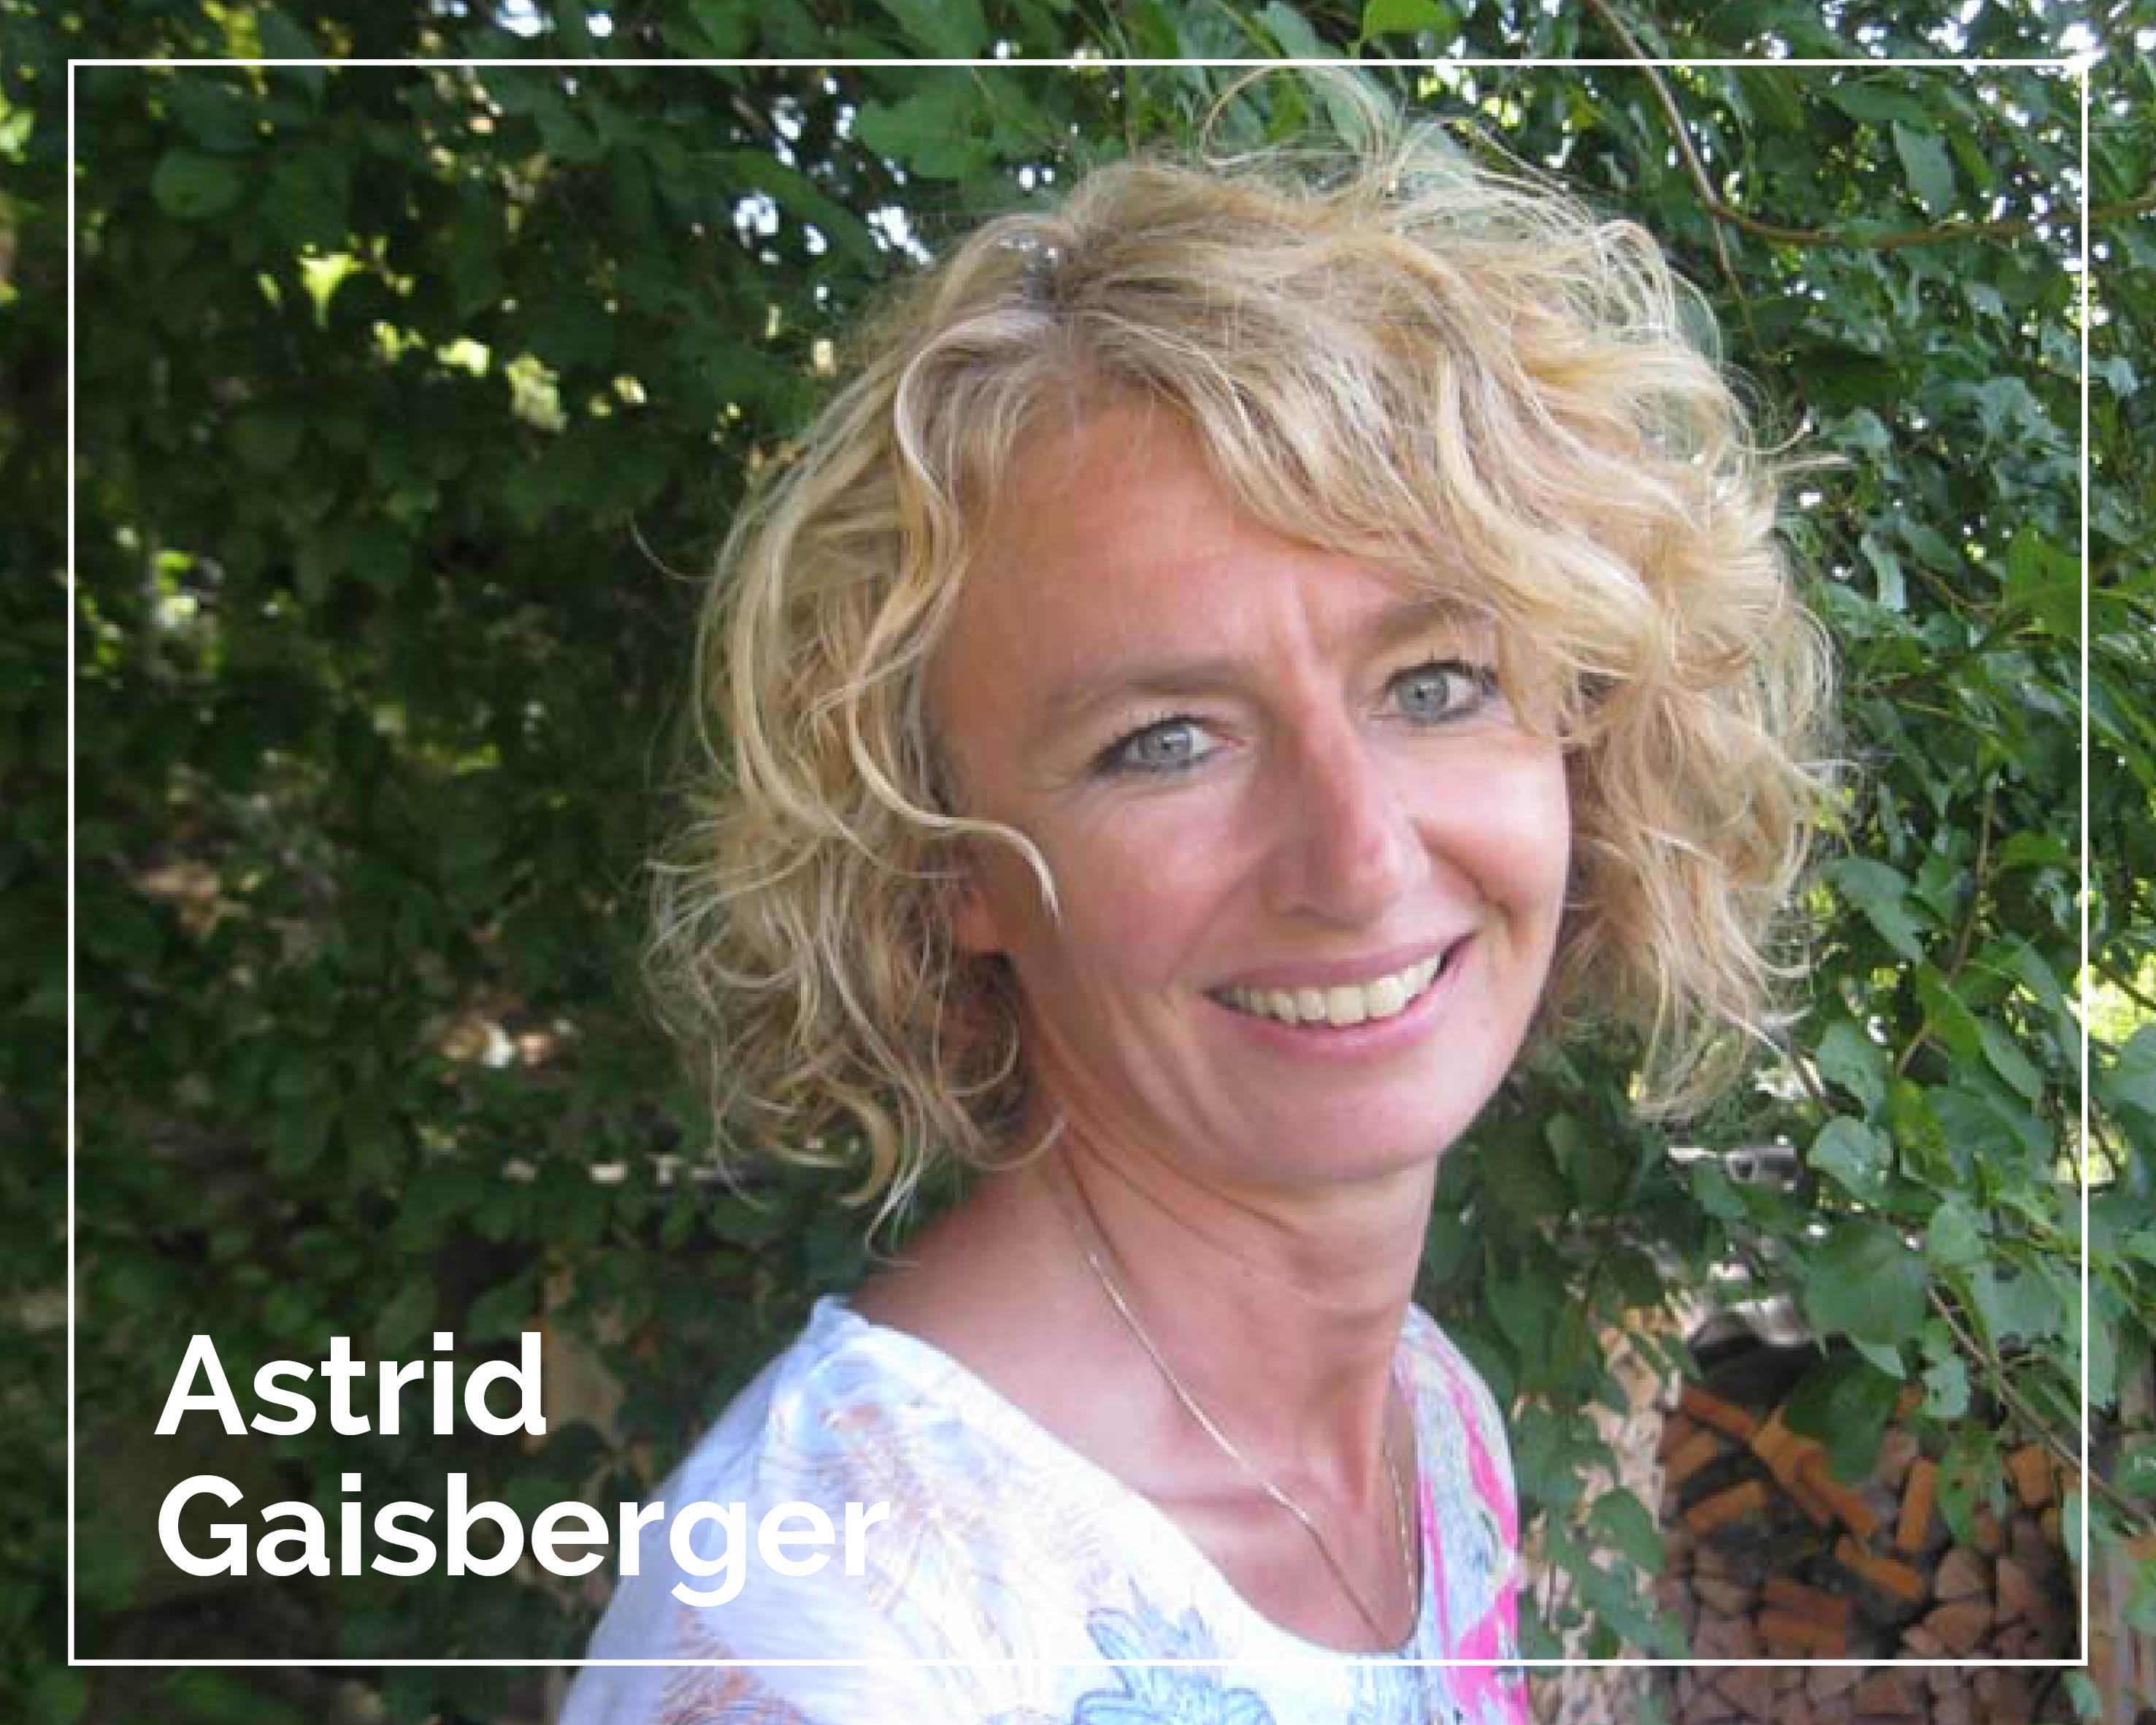 Astrid Gaisberger